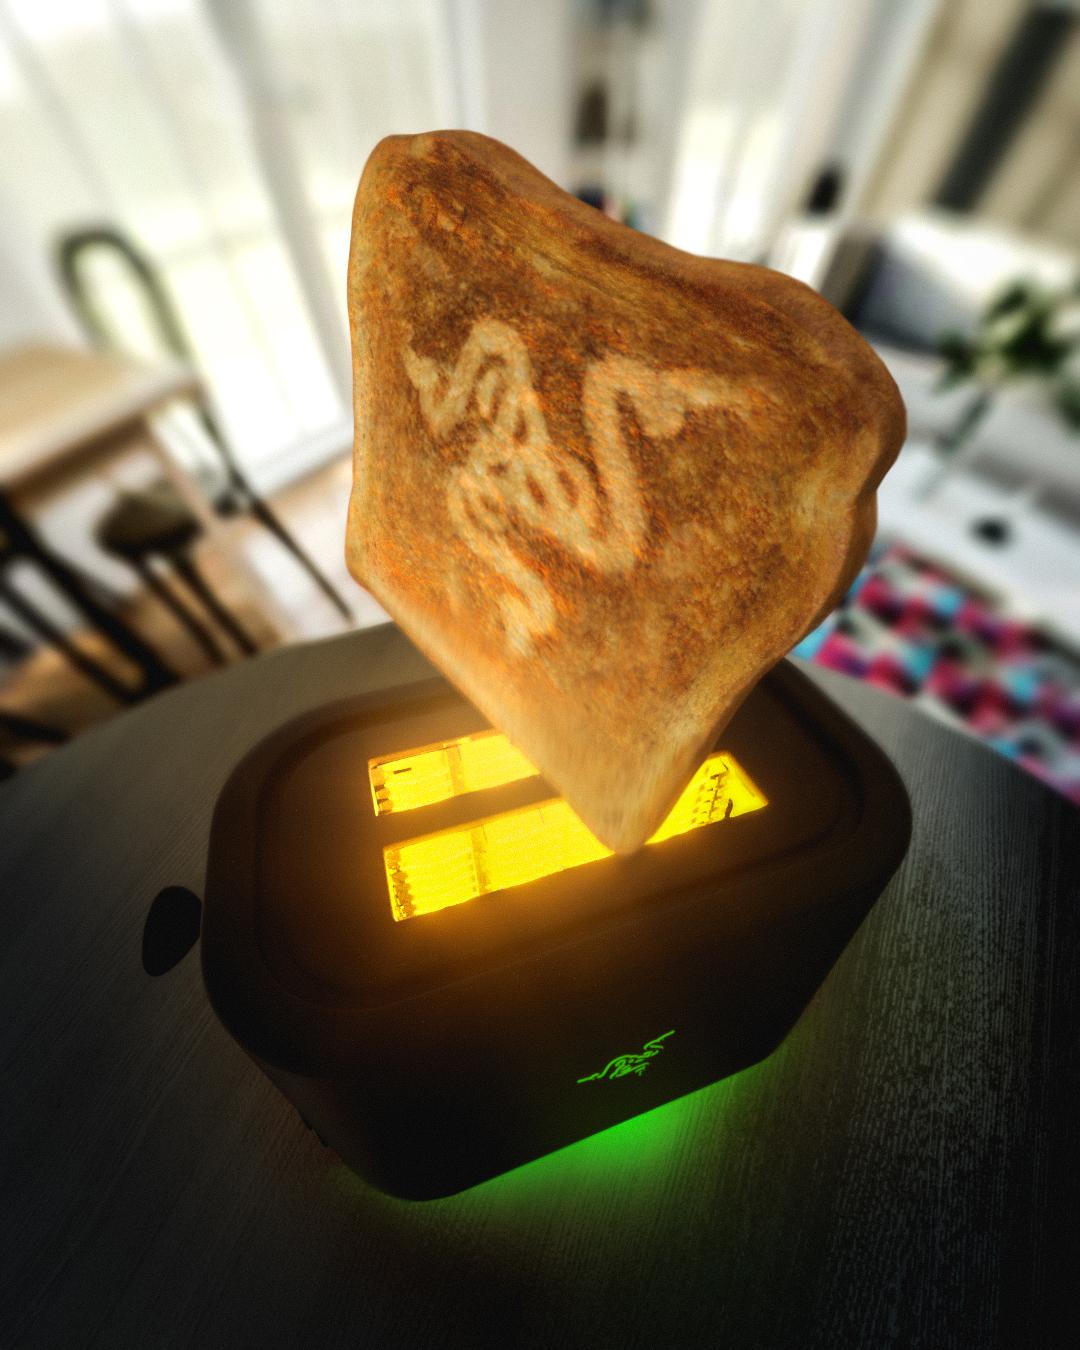 愚人节玩笑成真!雷蛇计划推出超炫烤面包机